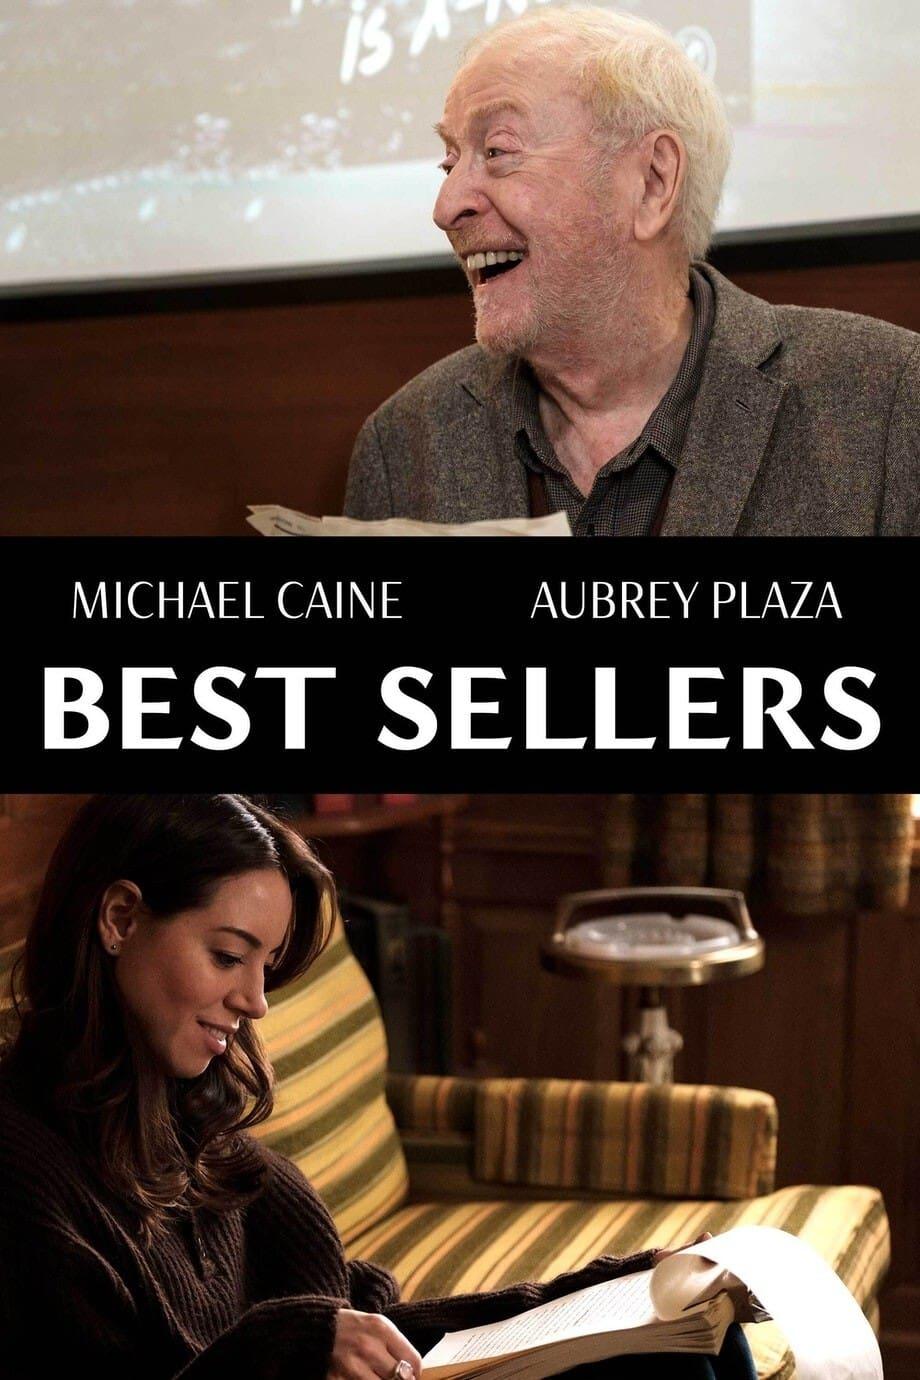 Best Sellers (Final Screening)